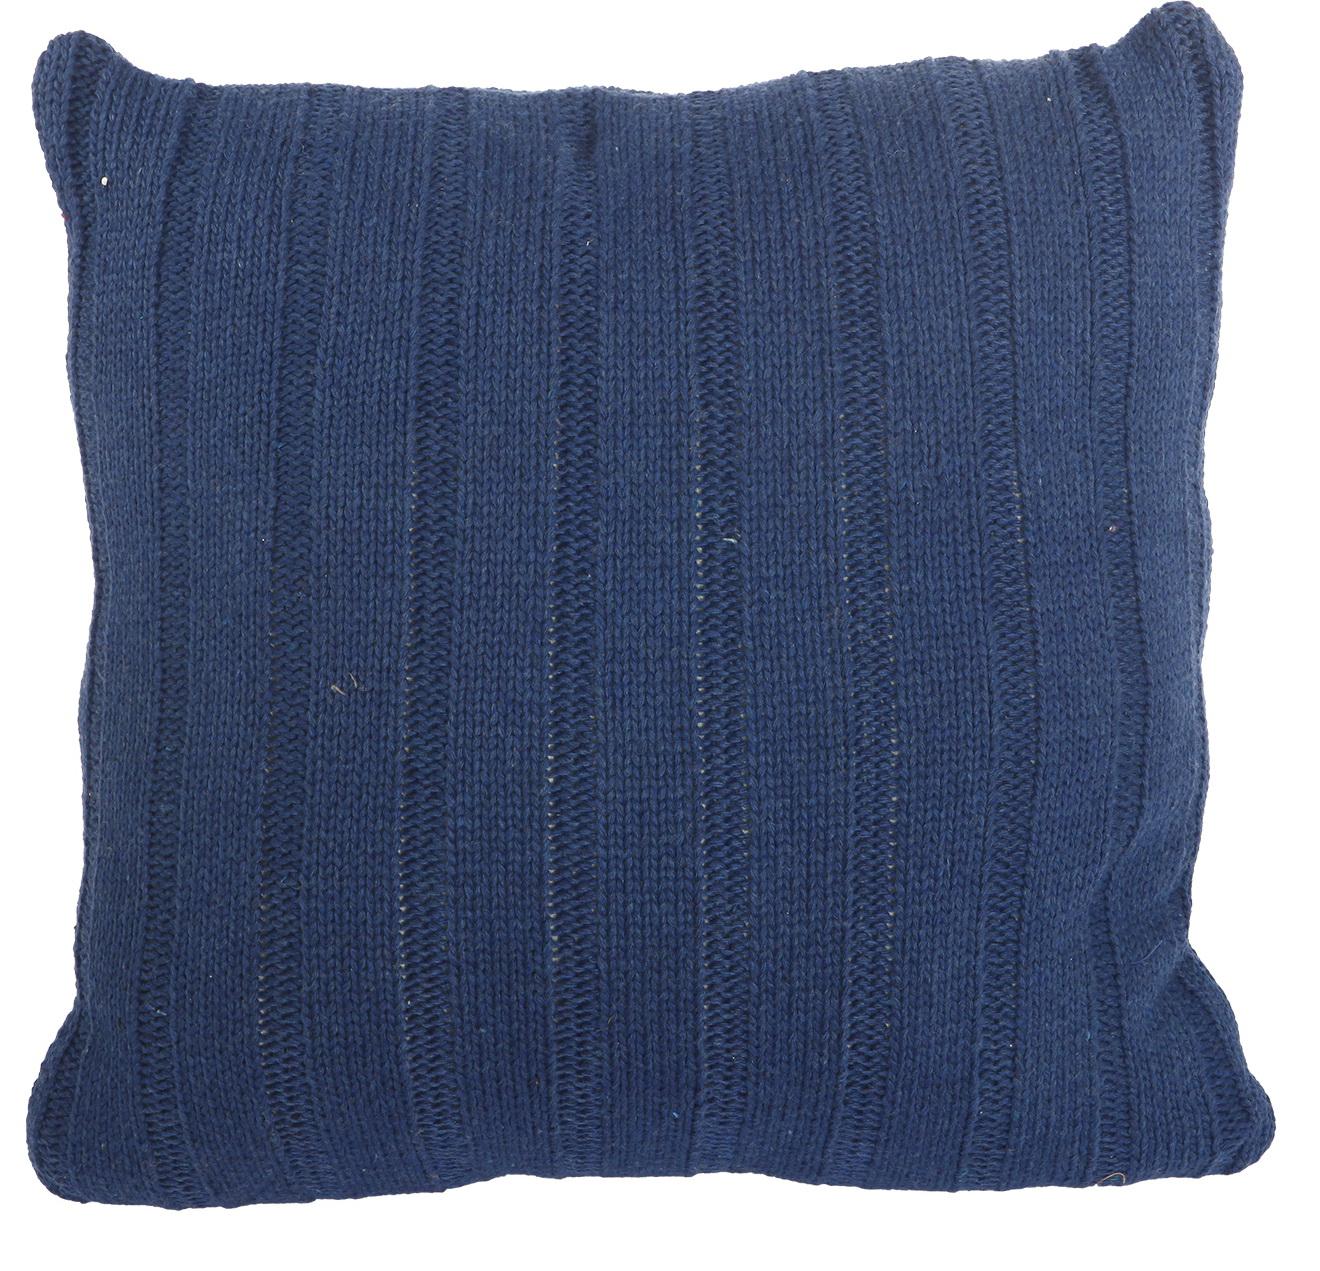 Декоративные подушки ARTEVALUCE Декоративная подушка Evita Цвет: Синий (46х46)